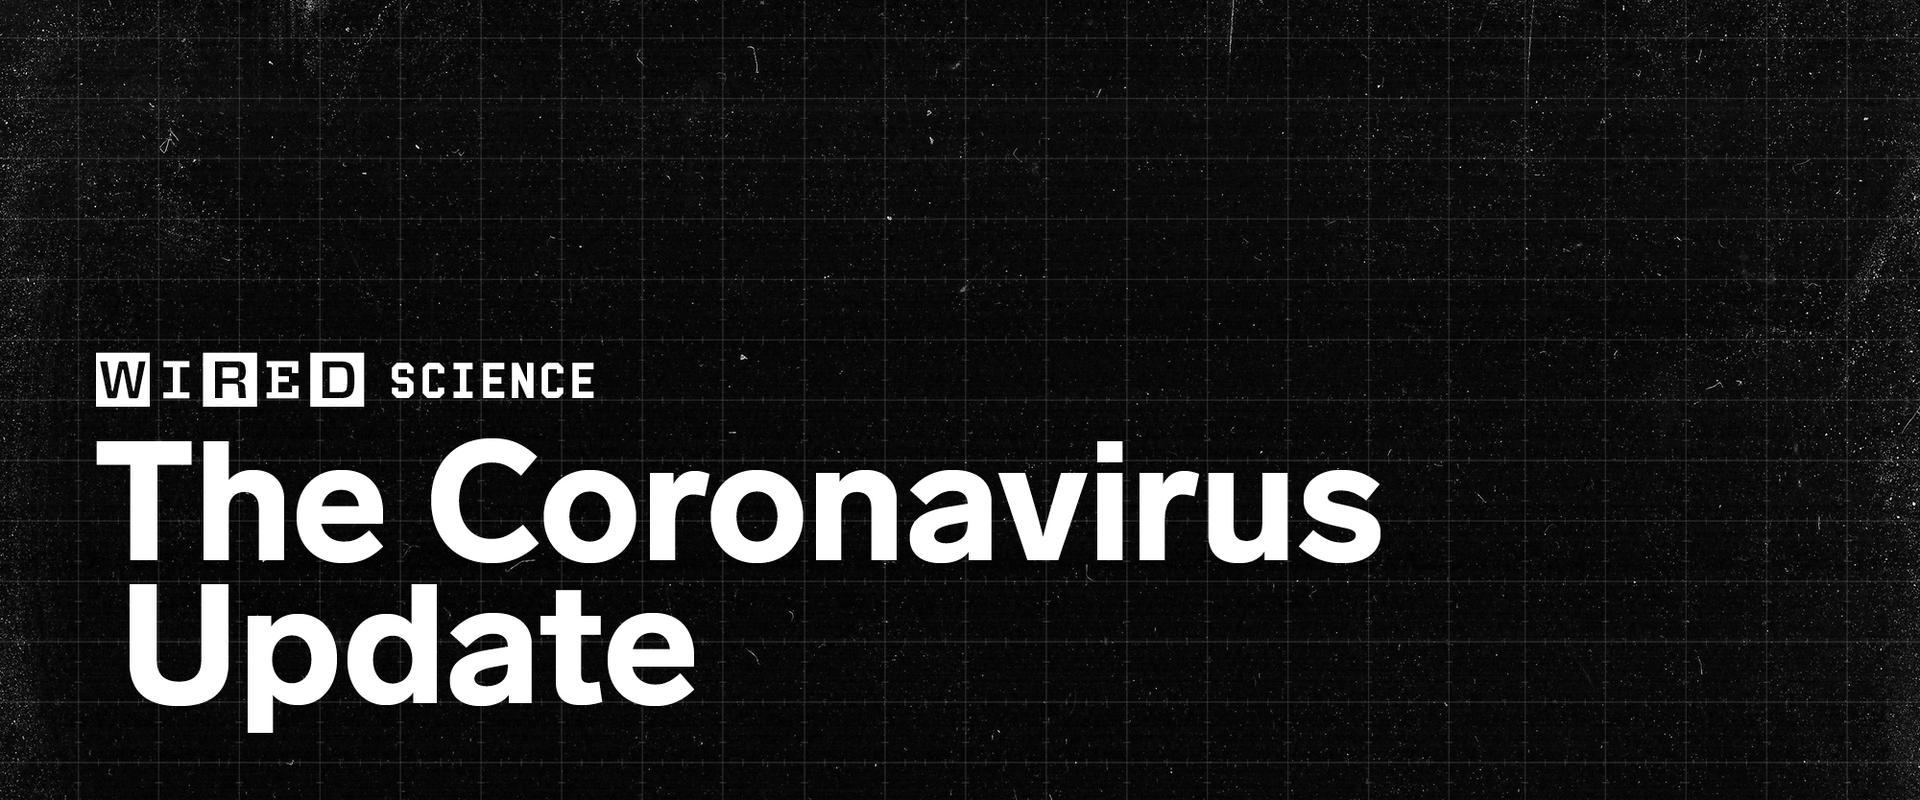 (image) WIRED Coronavirus Update Logo